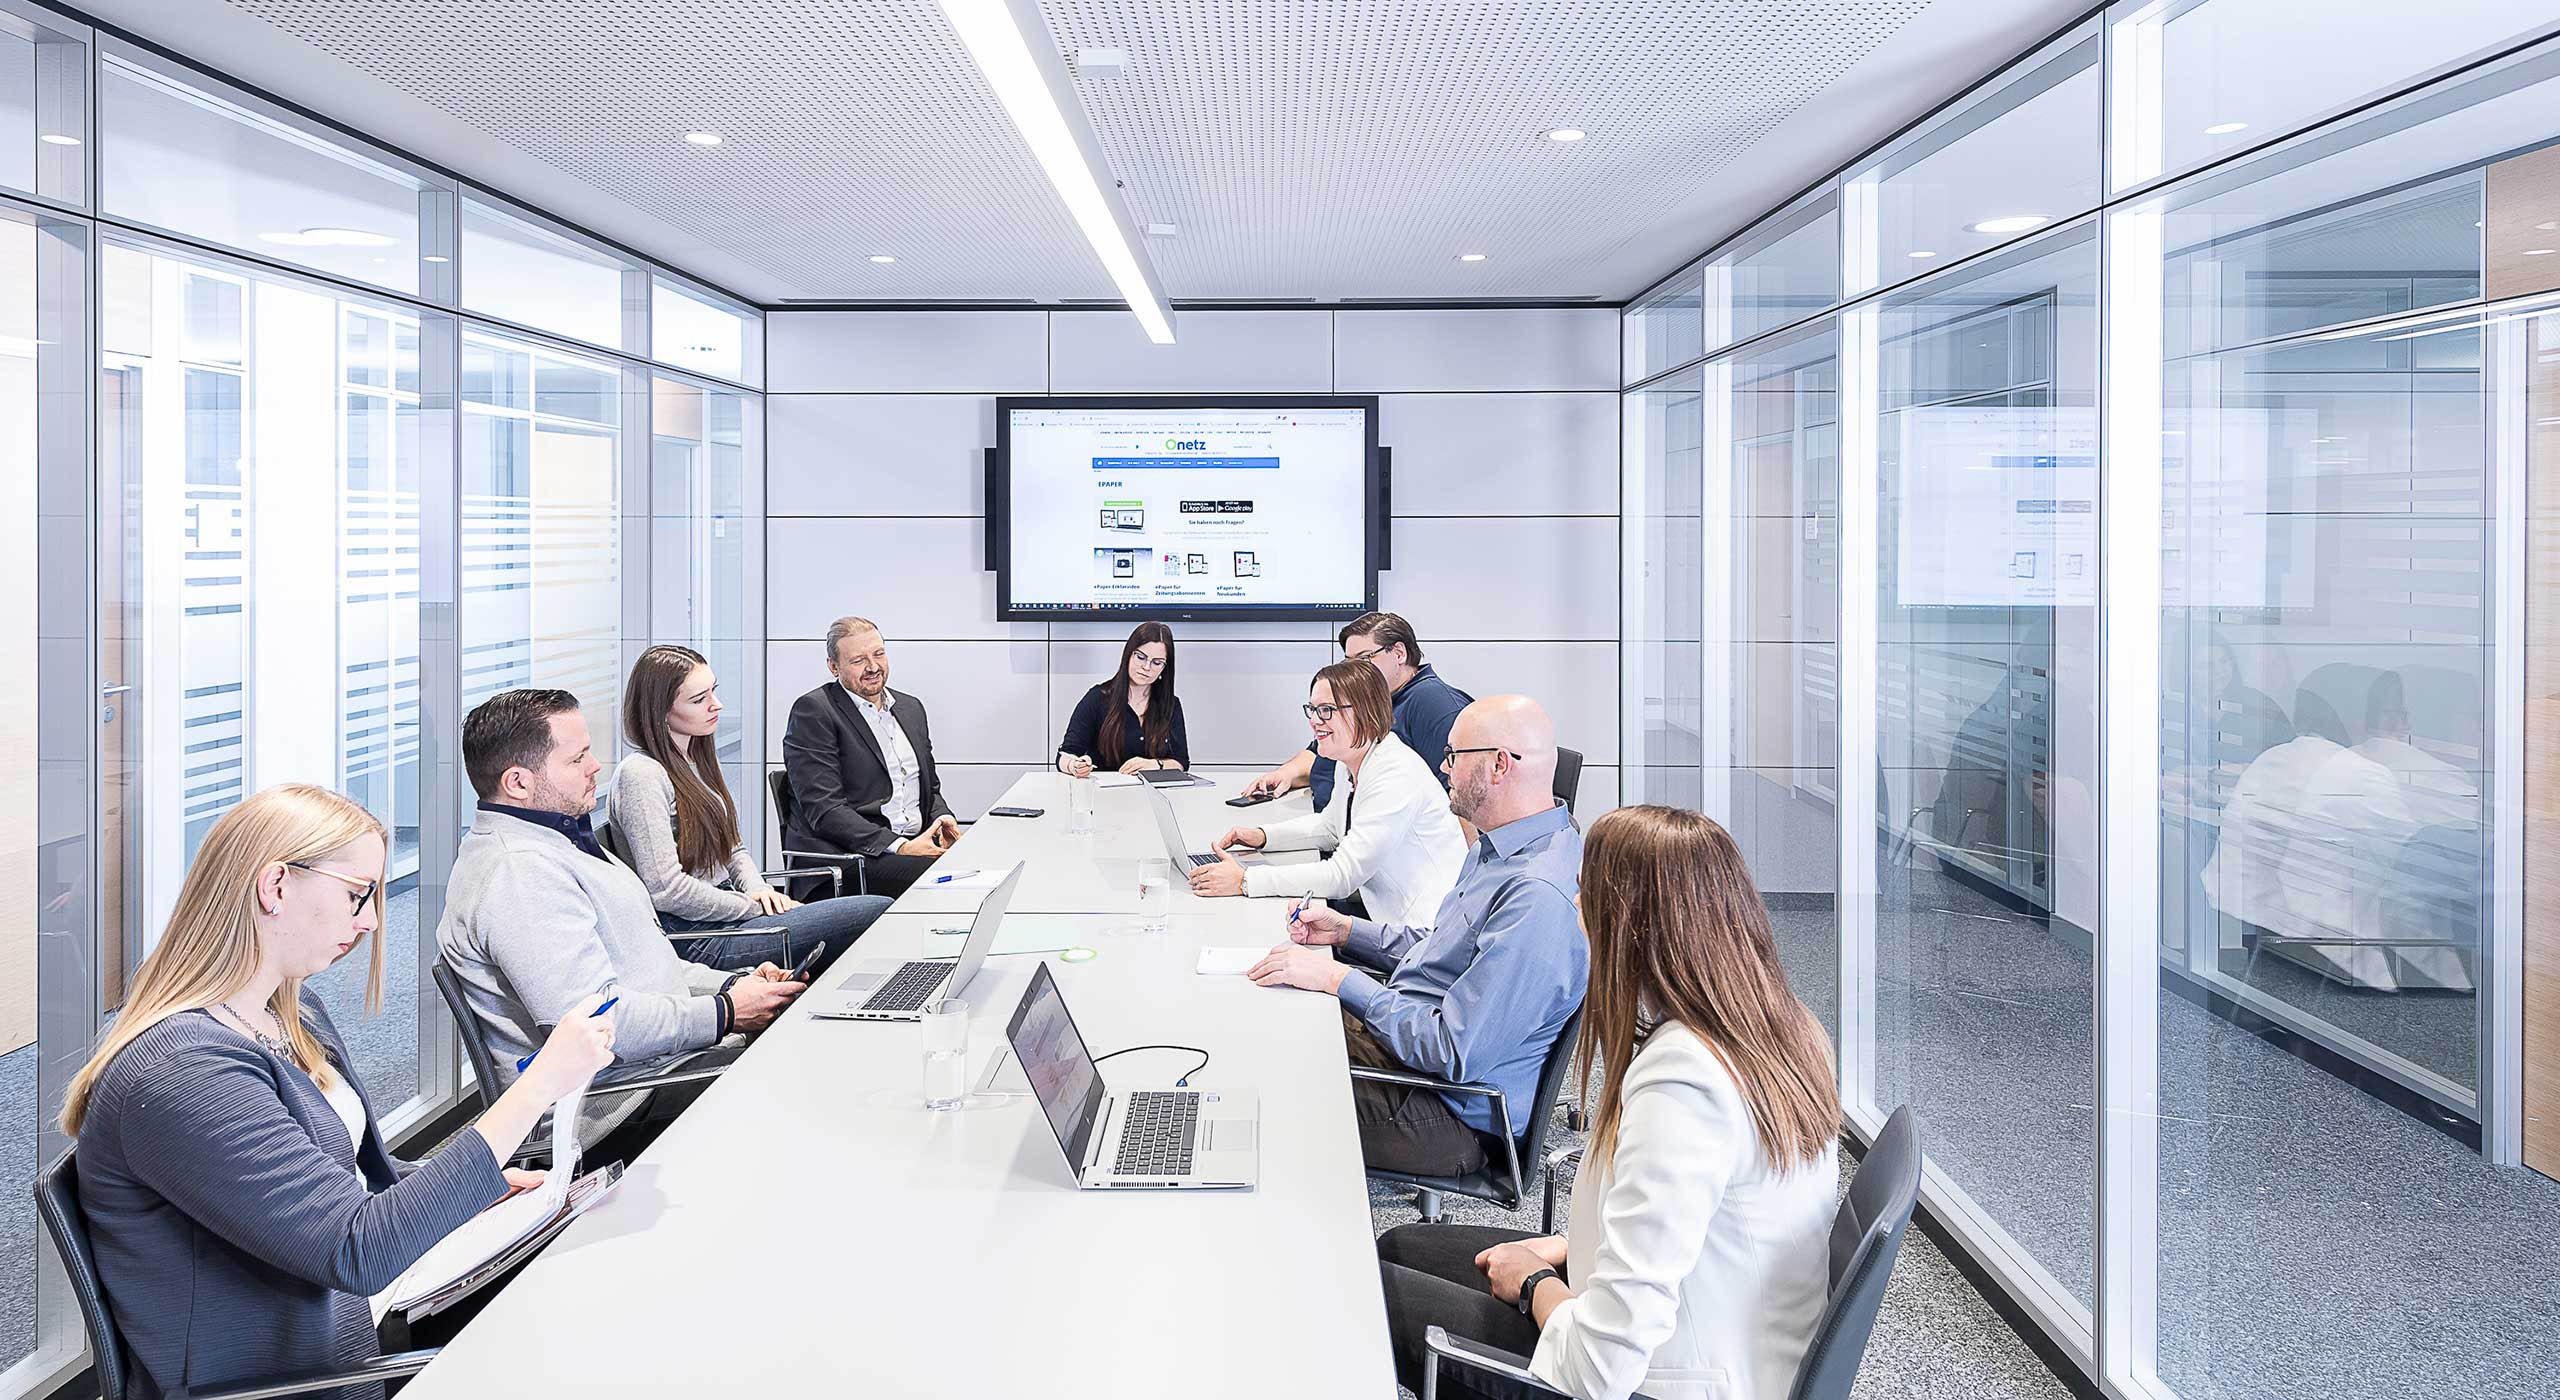 Neun Mitarbeiter von Oberpfalz Medien in einem Konferenzraum diskutieren an großem Tisch Leistungen, Beratung und Zielgruppen.